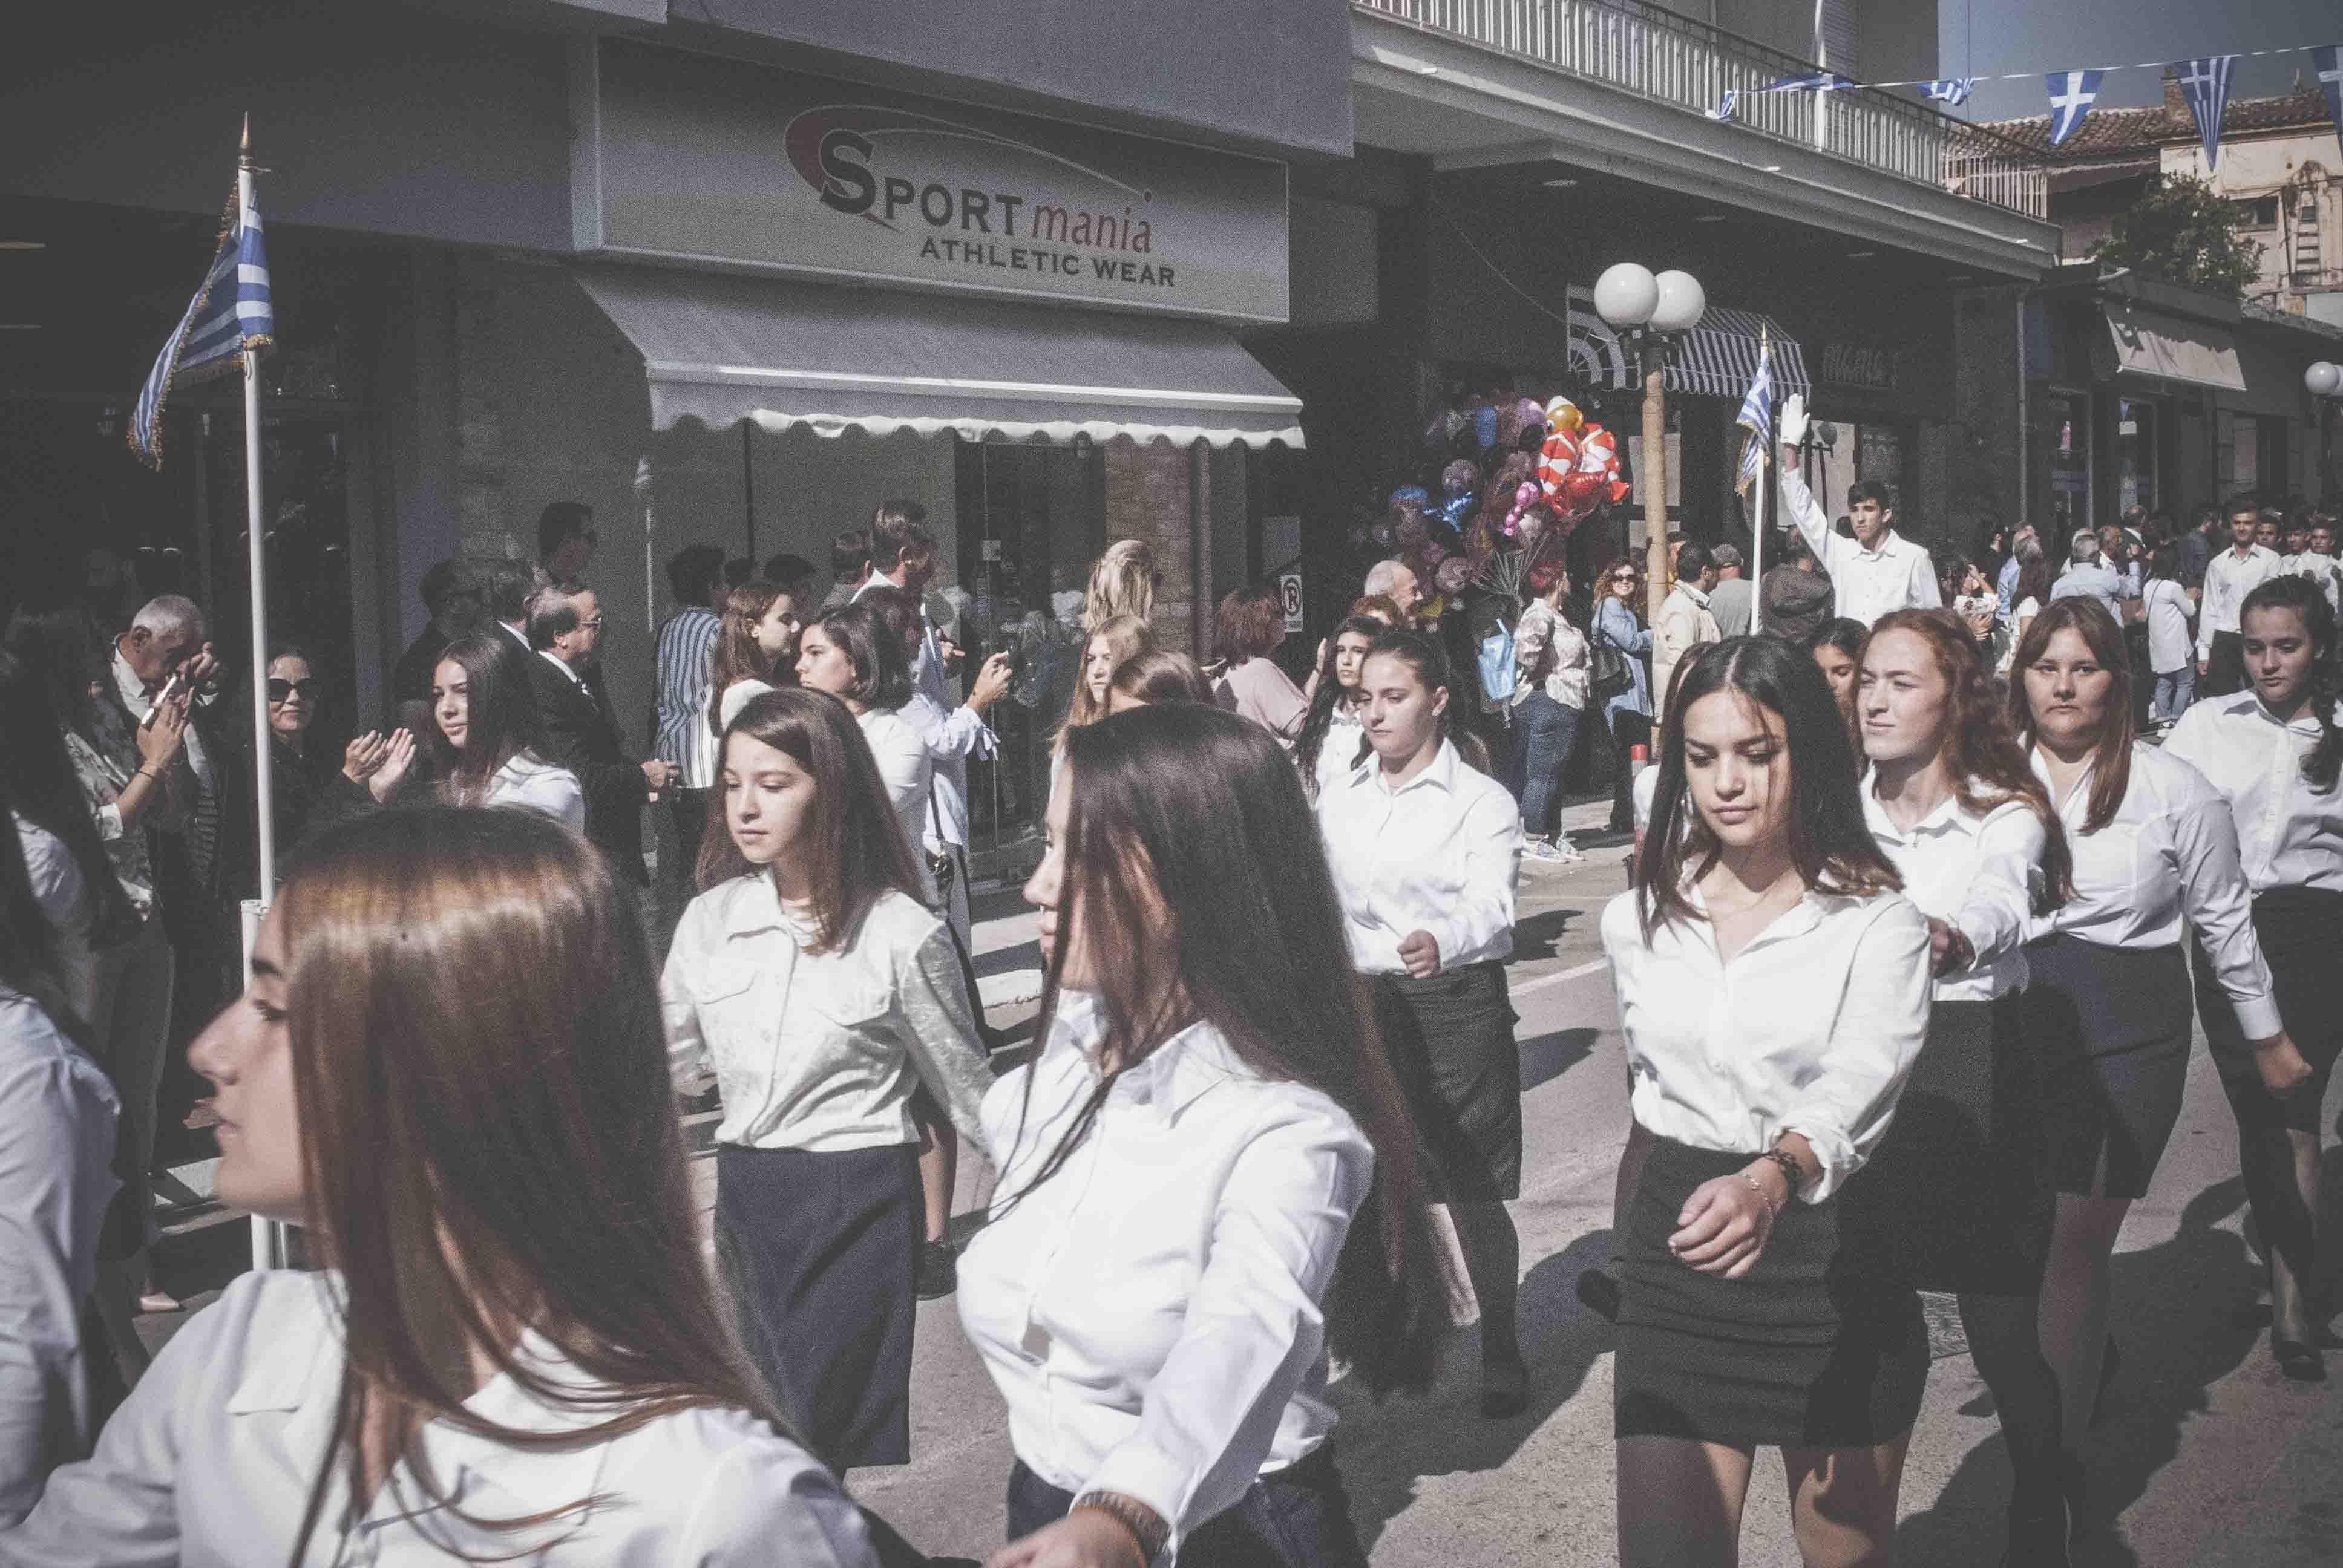 Φωτογραφικό υλικό από την παρέλαση στα Ψαχνά DSC 0397  Η παρέλαση της 28ης Οκτωβρίου σε Καστέλλα και Ψαχνά (φωτό) DSC 0397